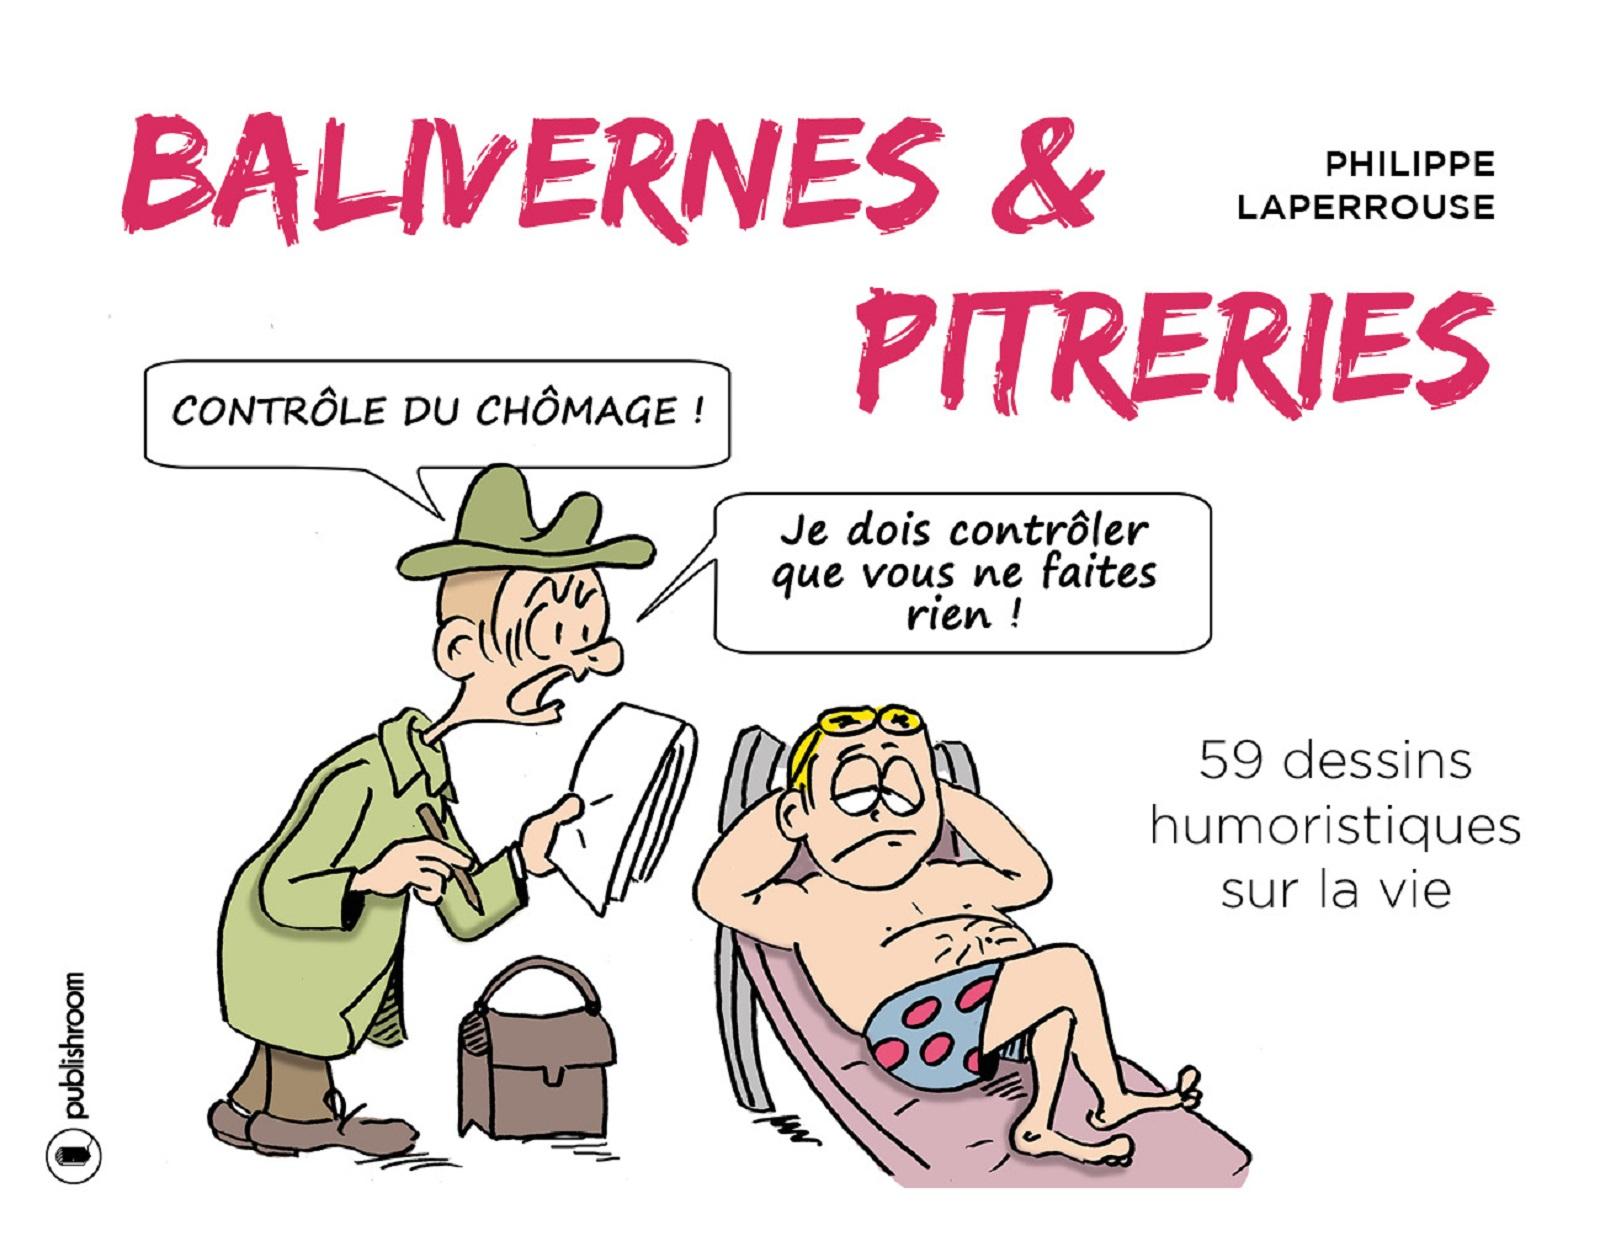 Balivernes et pitreries, 59 dessins humoristiques sur la vie